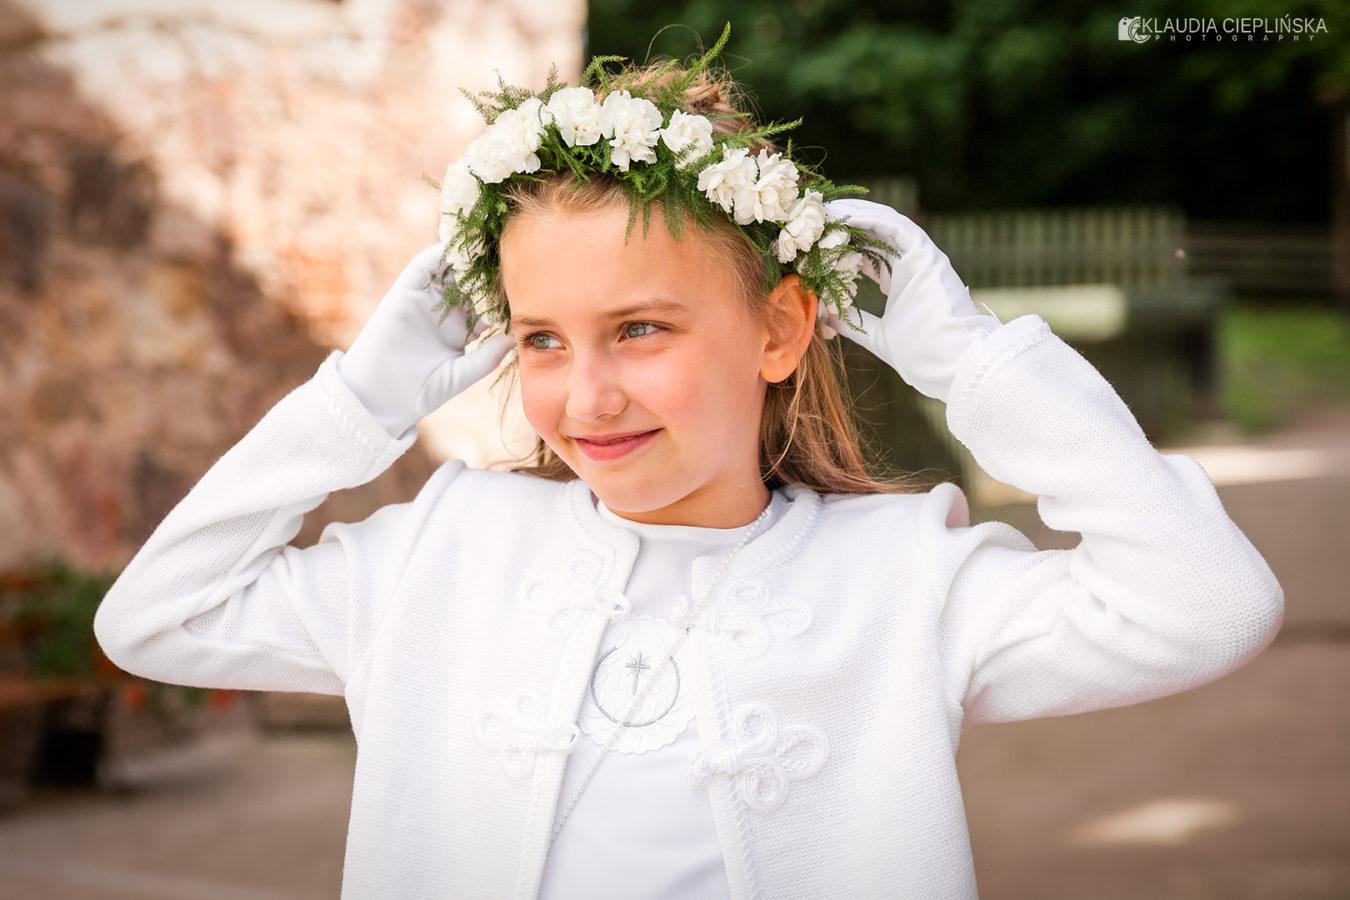 Profesjonalna fotografia, sesje rodzinne, okolicznościowe, zdjęcia komunijne Jelenia Góra. Zapraszam fotograf Jelenia Góra